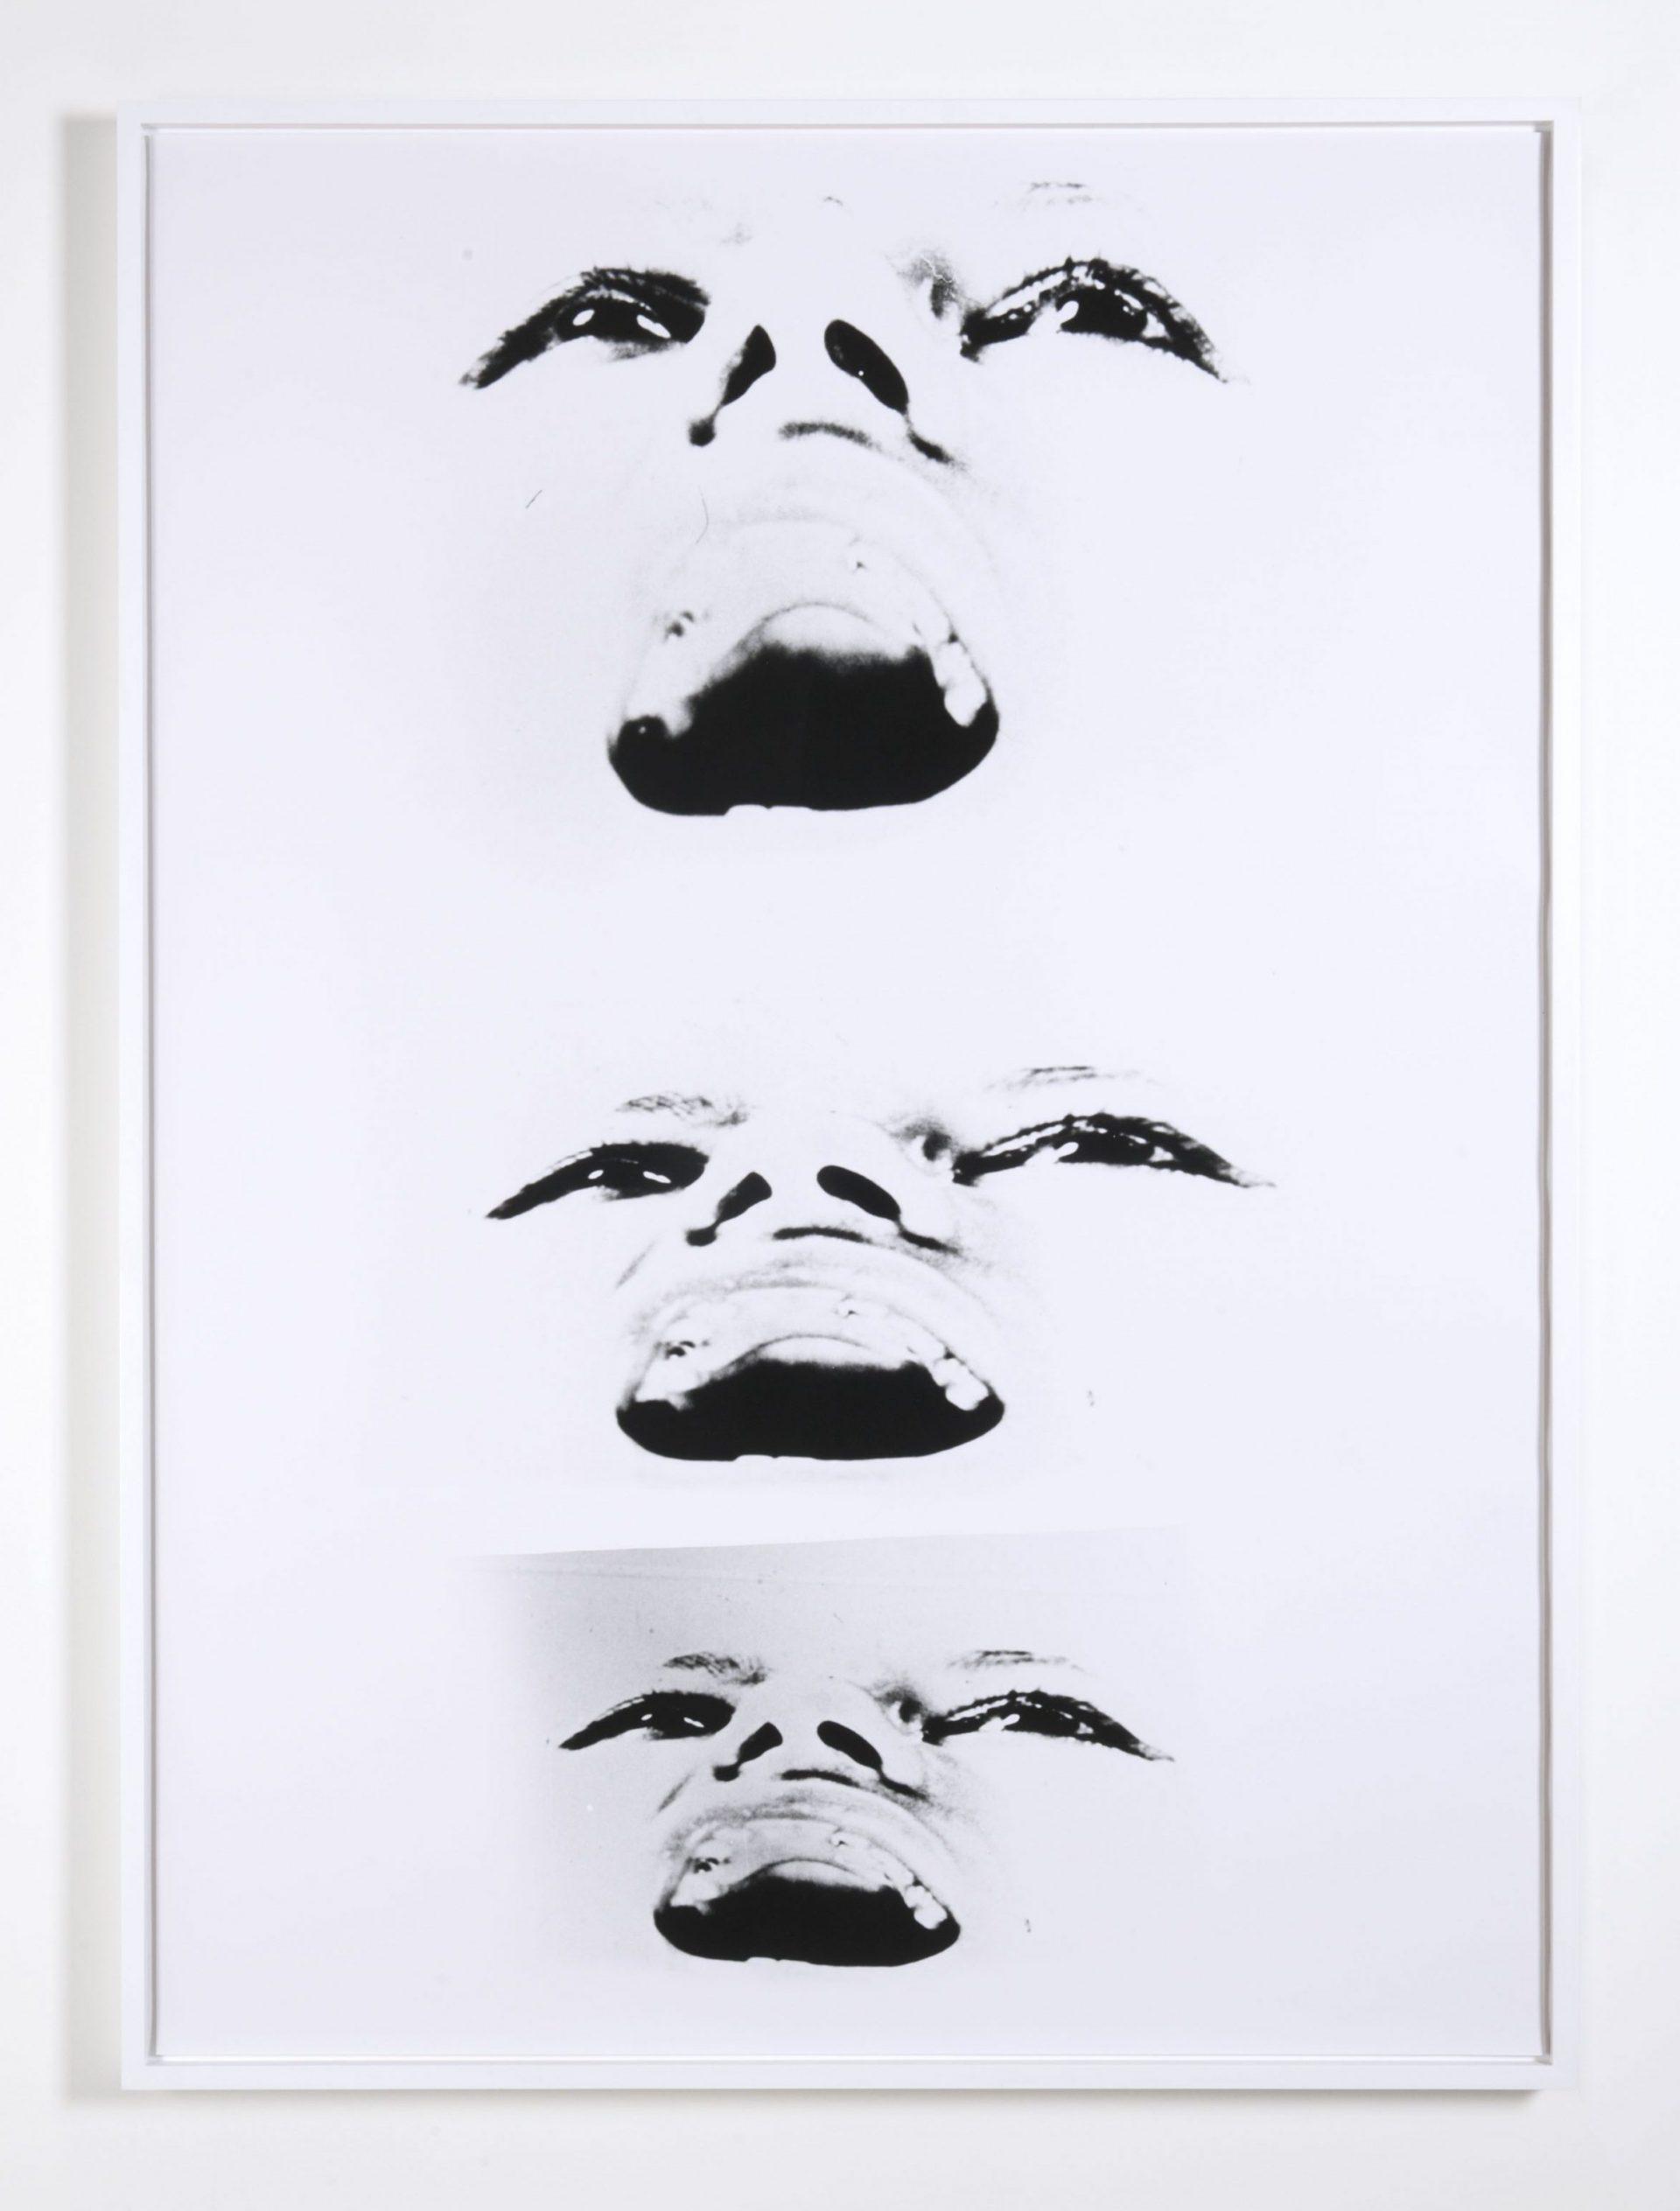 David Lamelas, El Grito, 1966